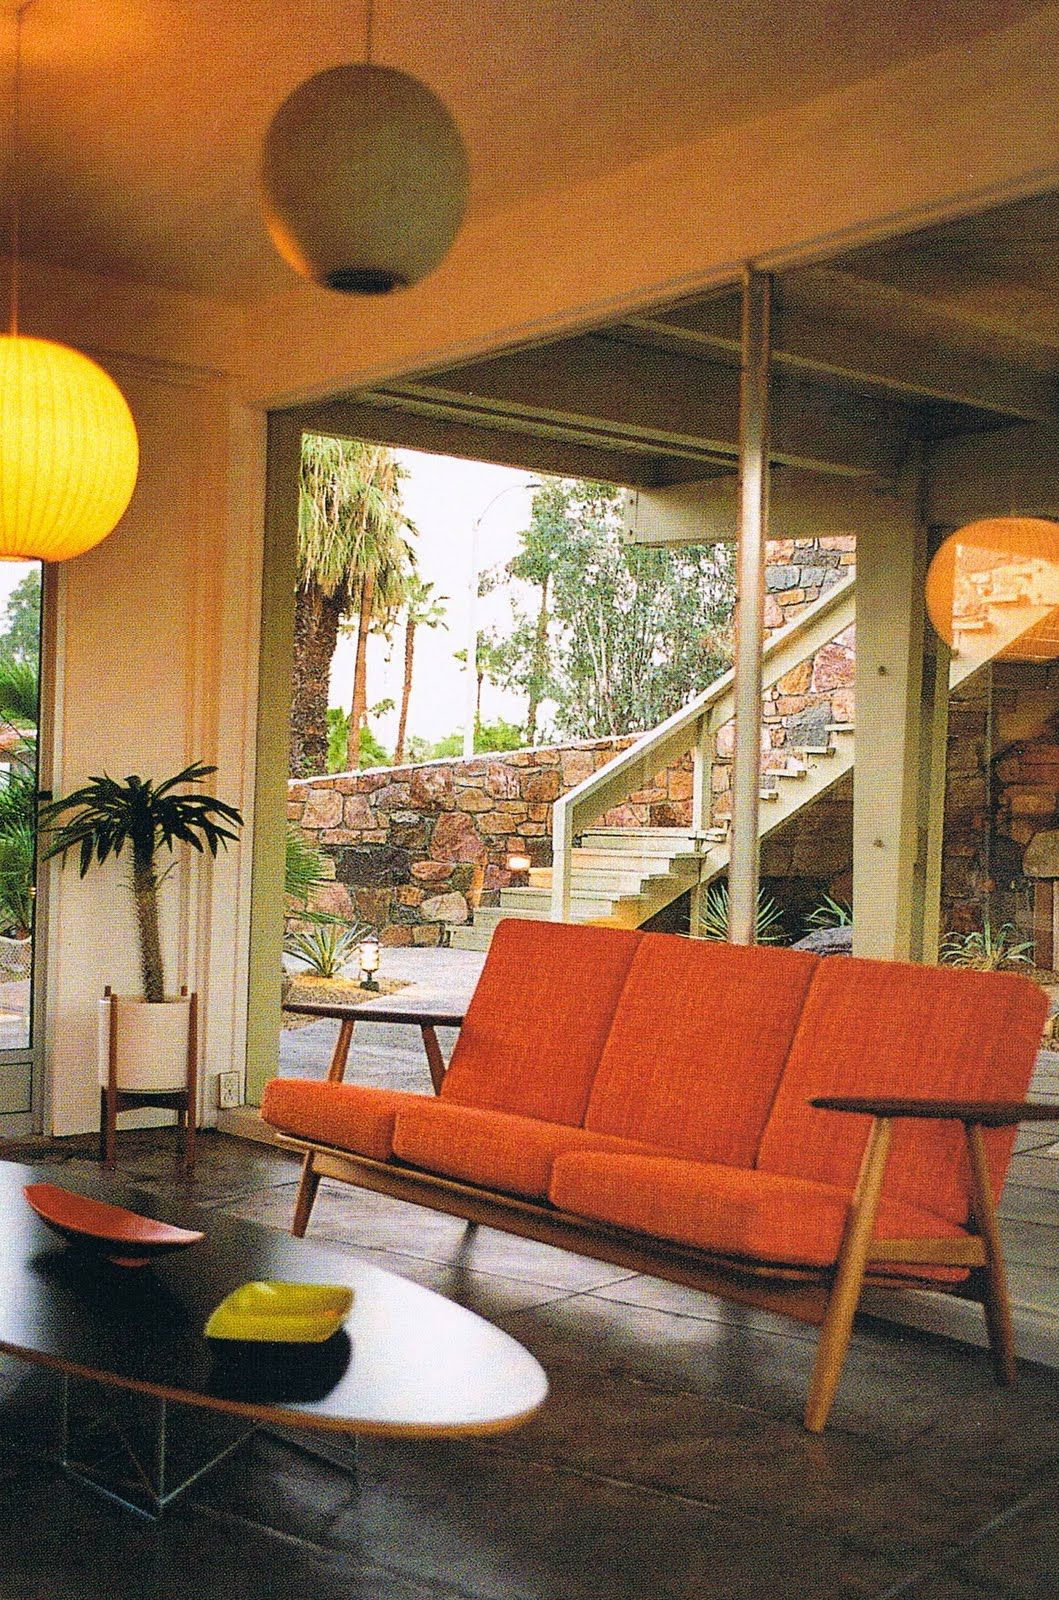 Del marcos hotel designed by albert frey places spaces et - Idees decors du milieu du siecle salon ...